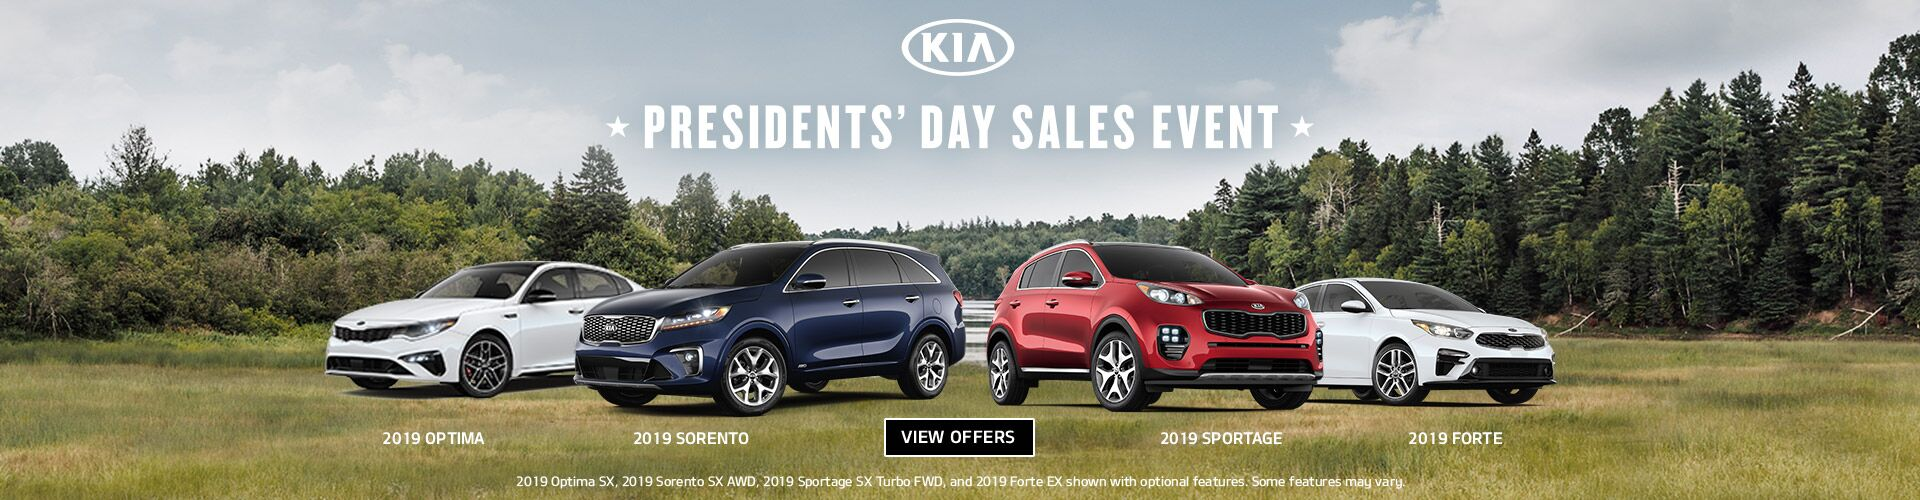 Kia Dealership Schenectady Ny Used Cars Fuccillo Kia Of Schenectady